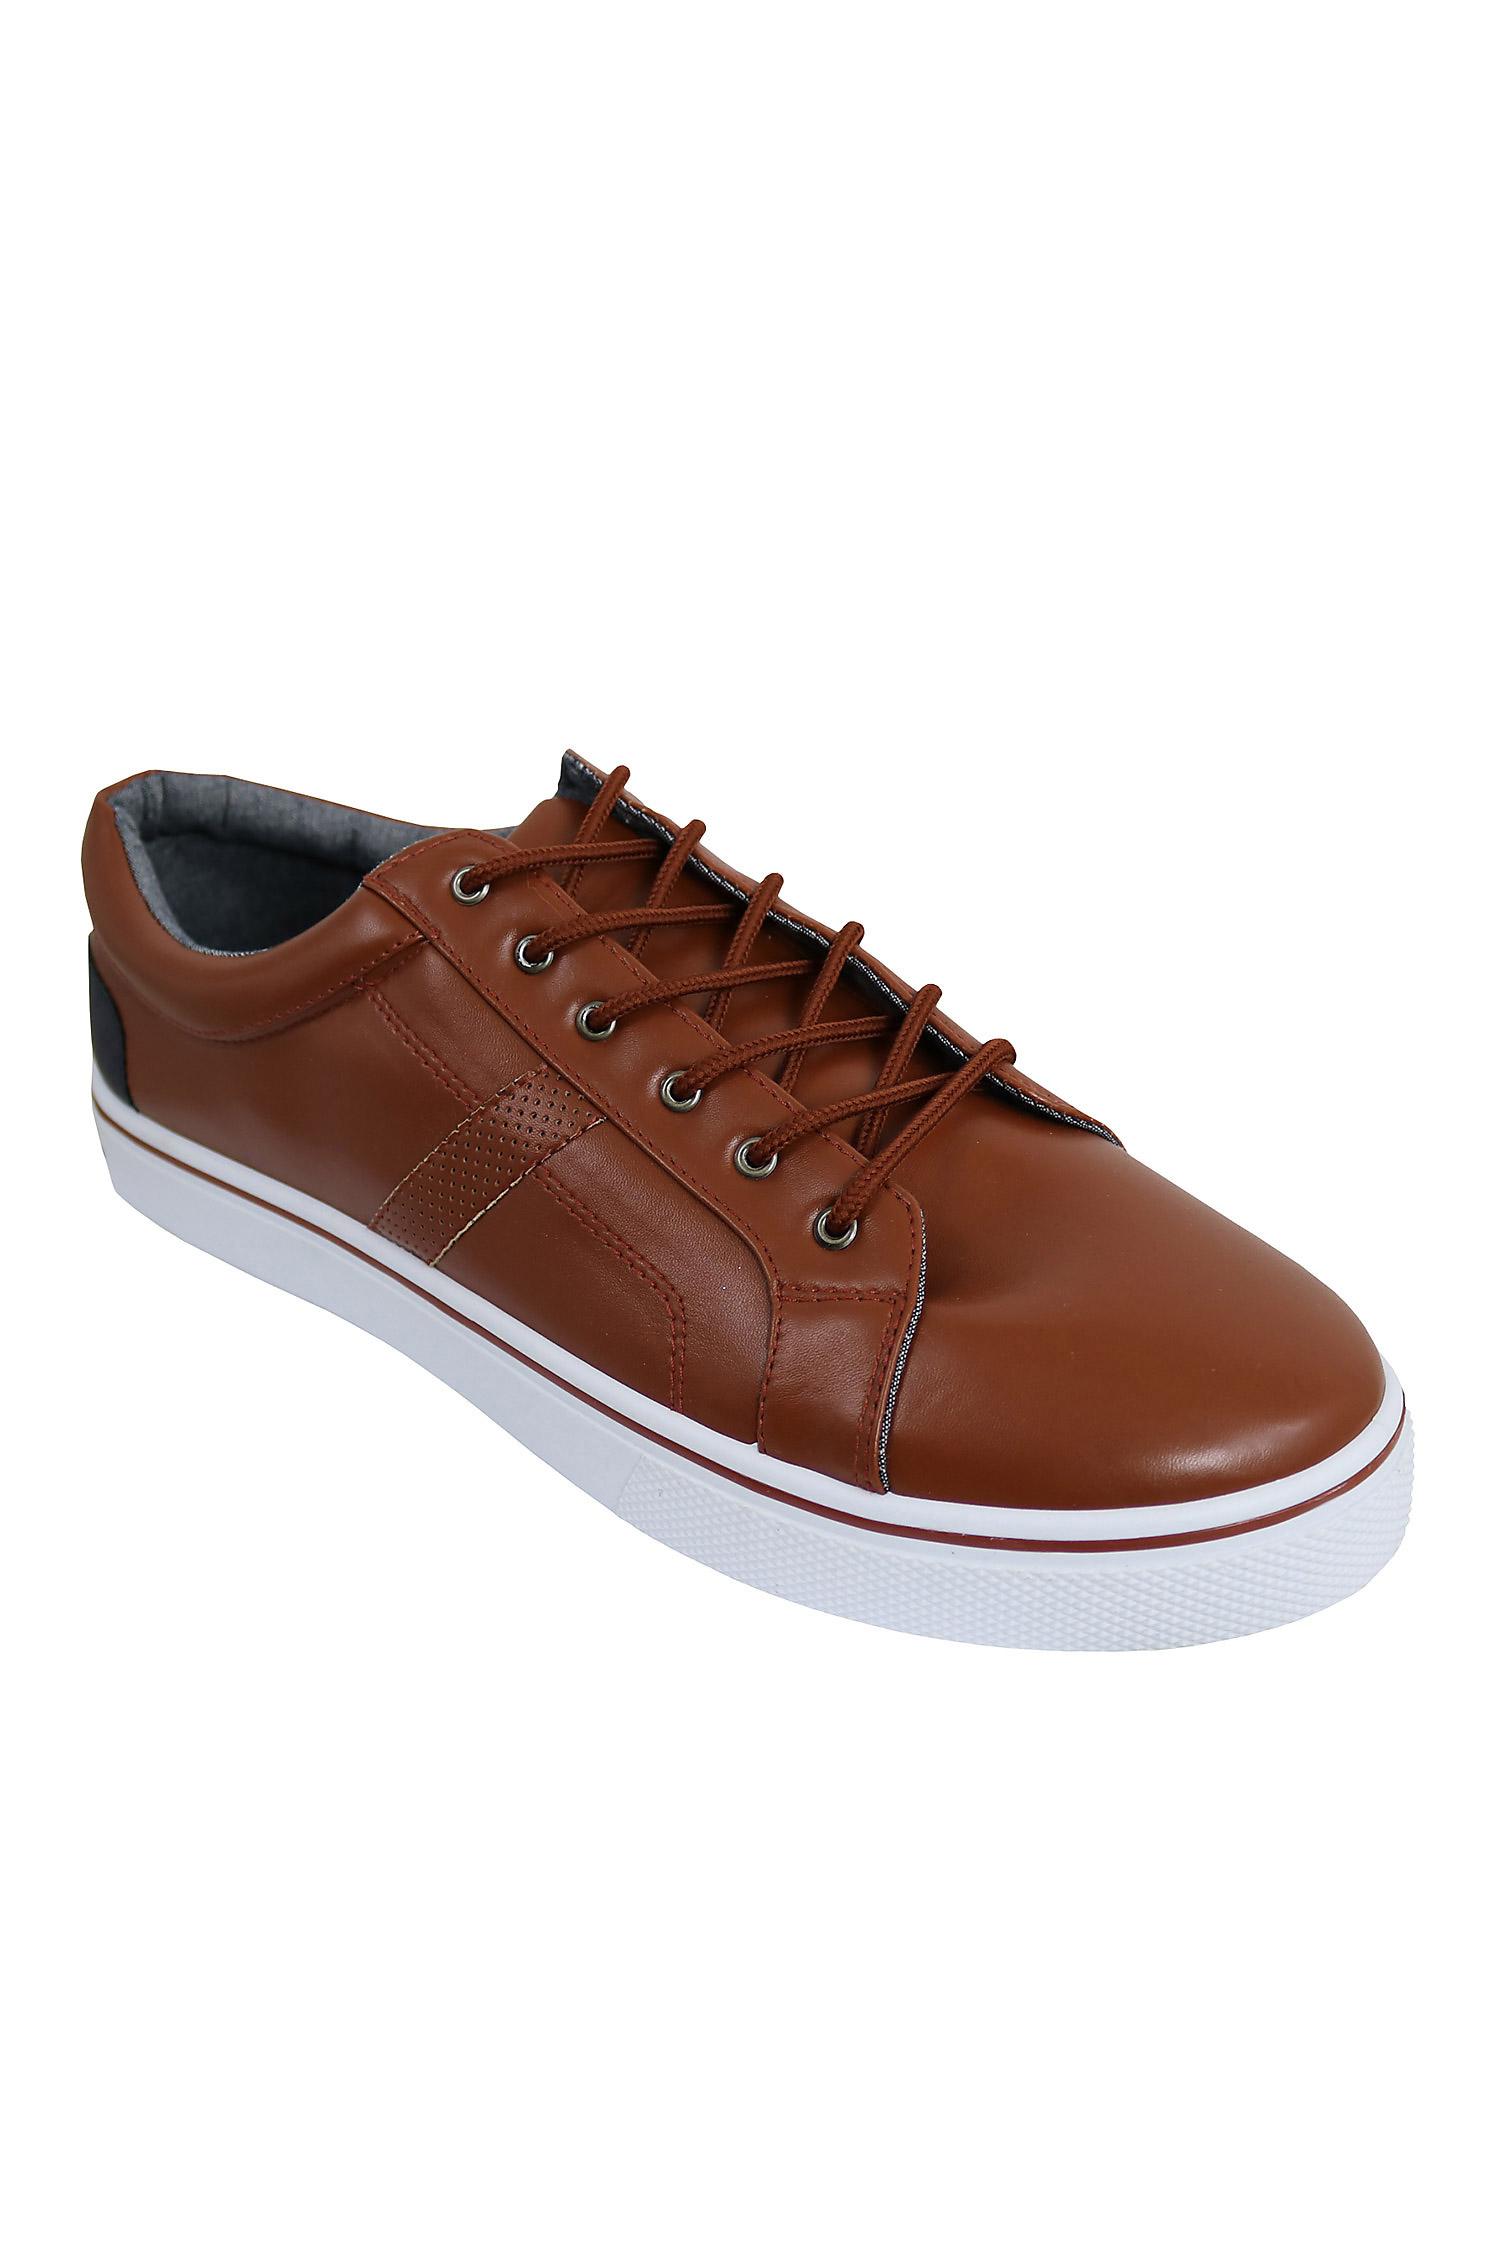 Zapatos y Etiqueta, Zapatos, 109486, MARRON | Zoom